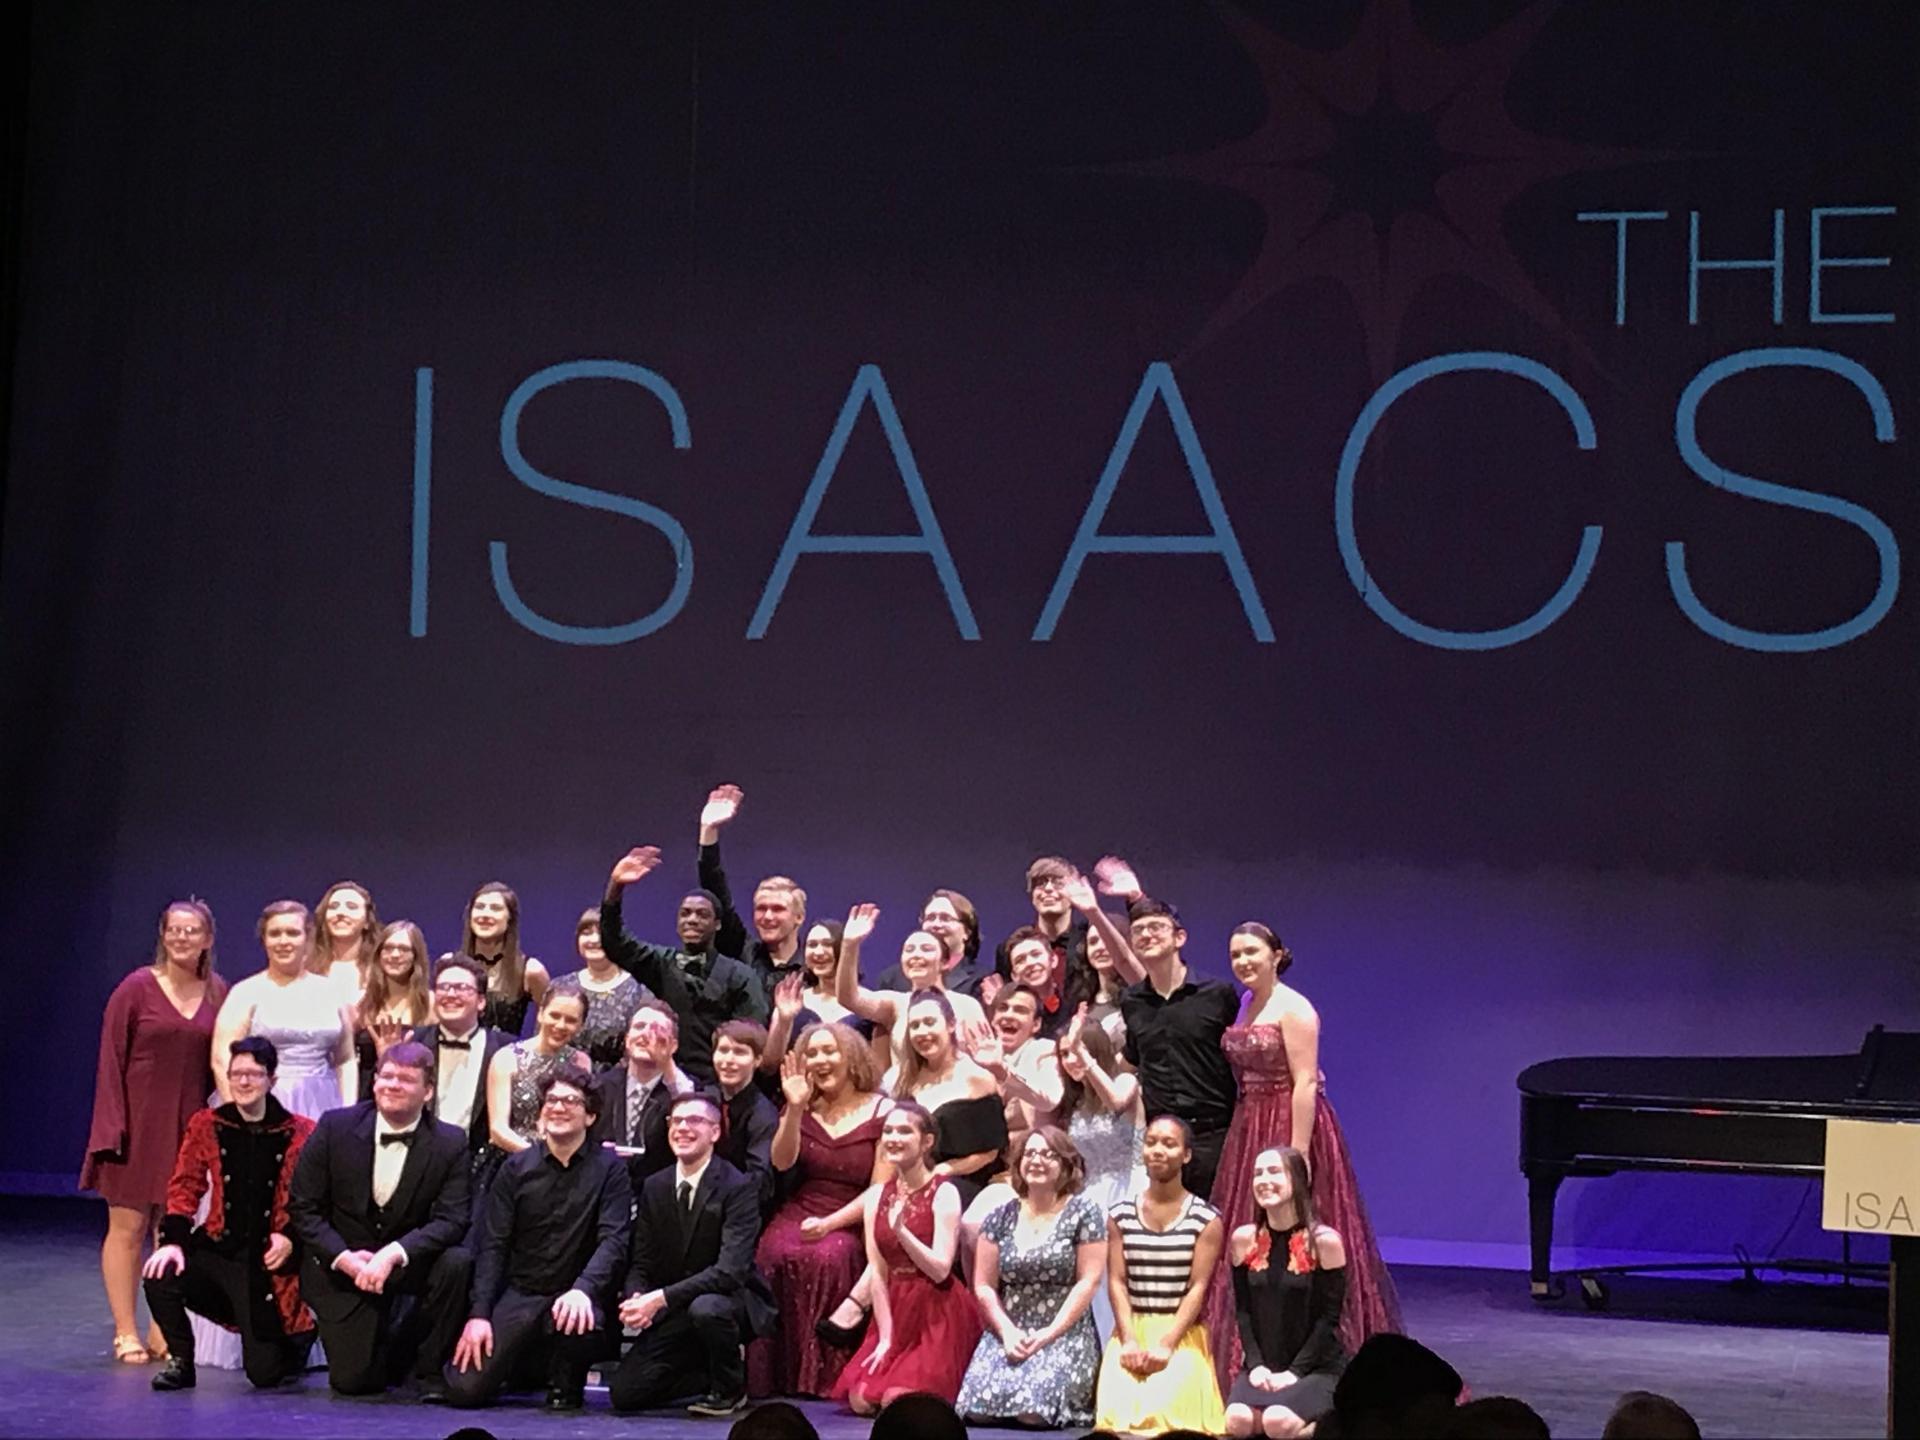 Isaacs 16